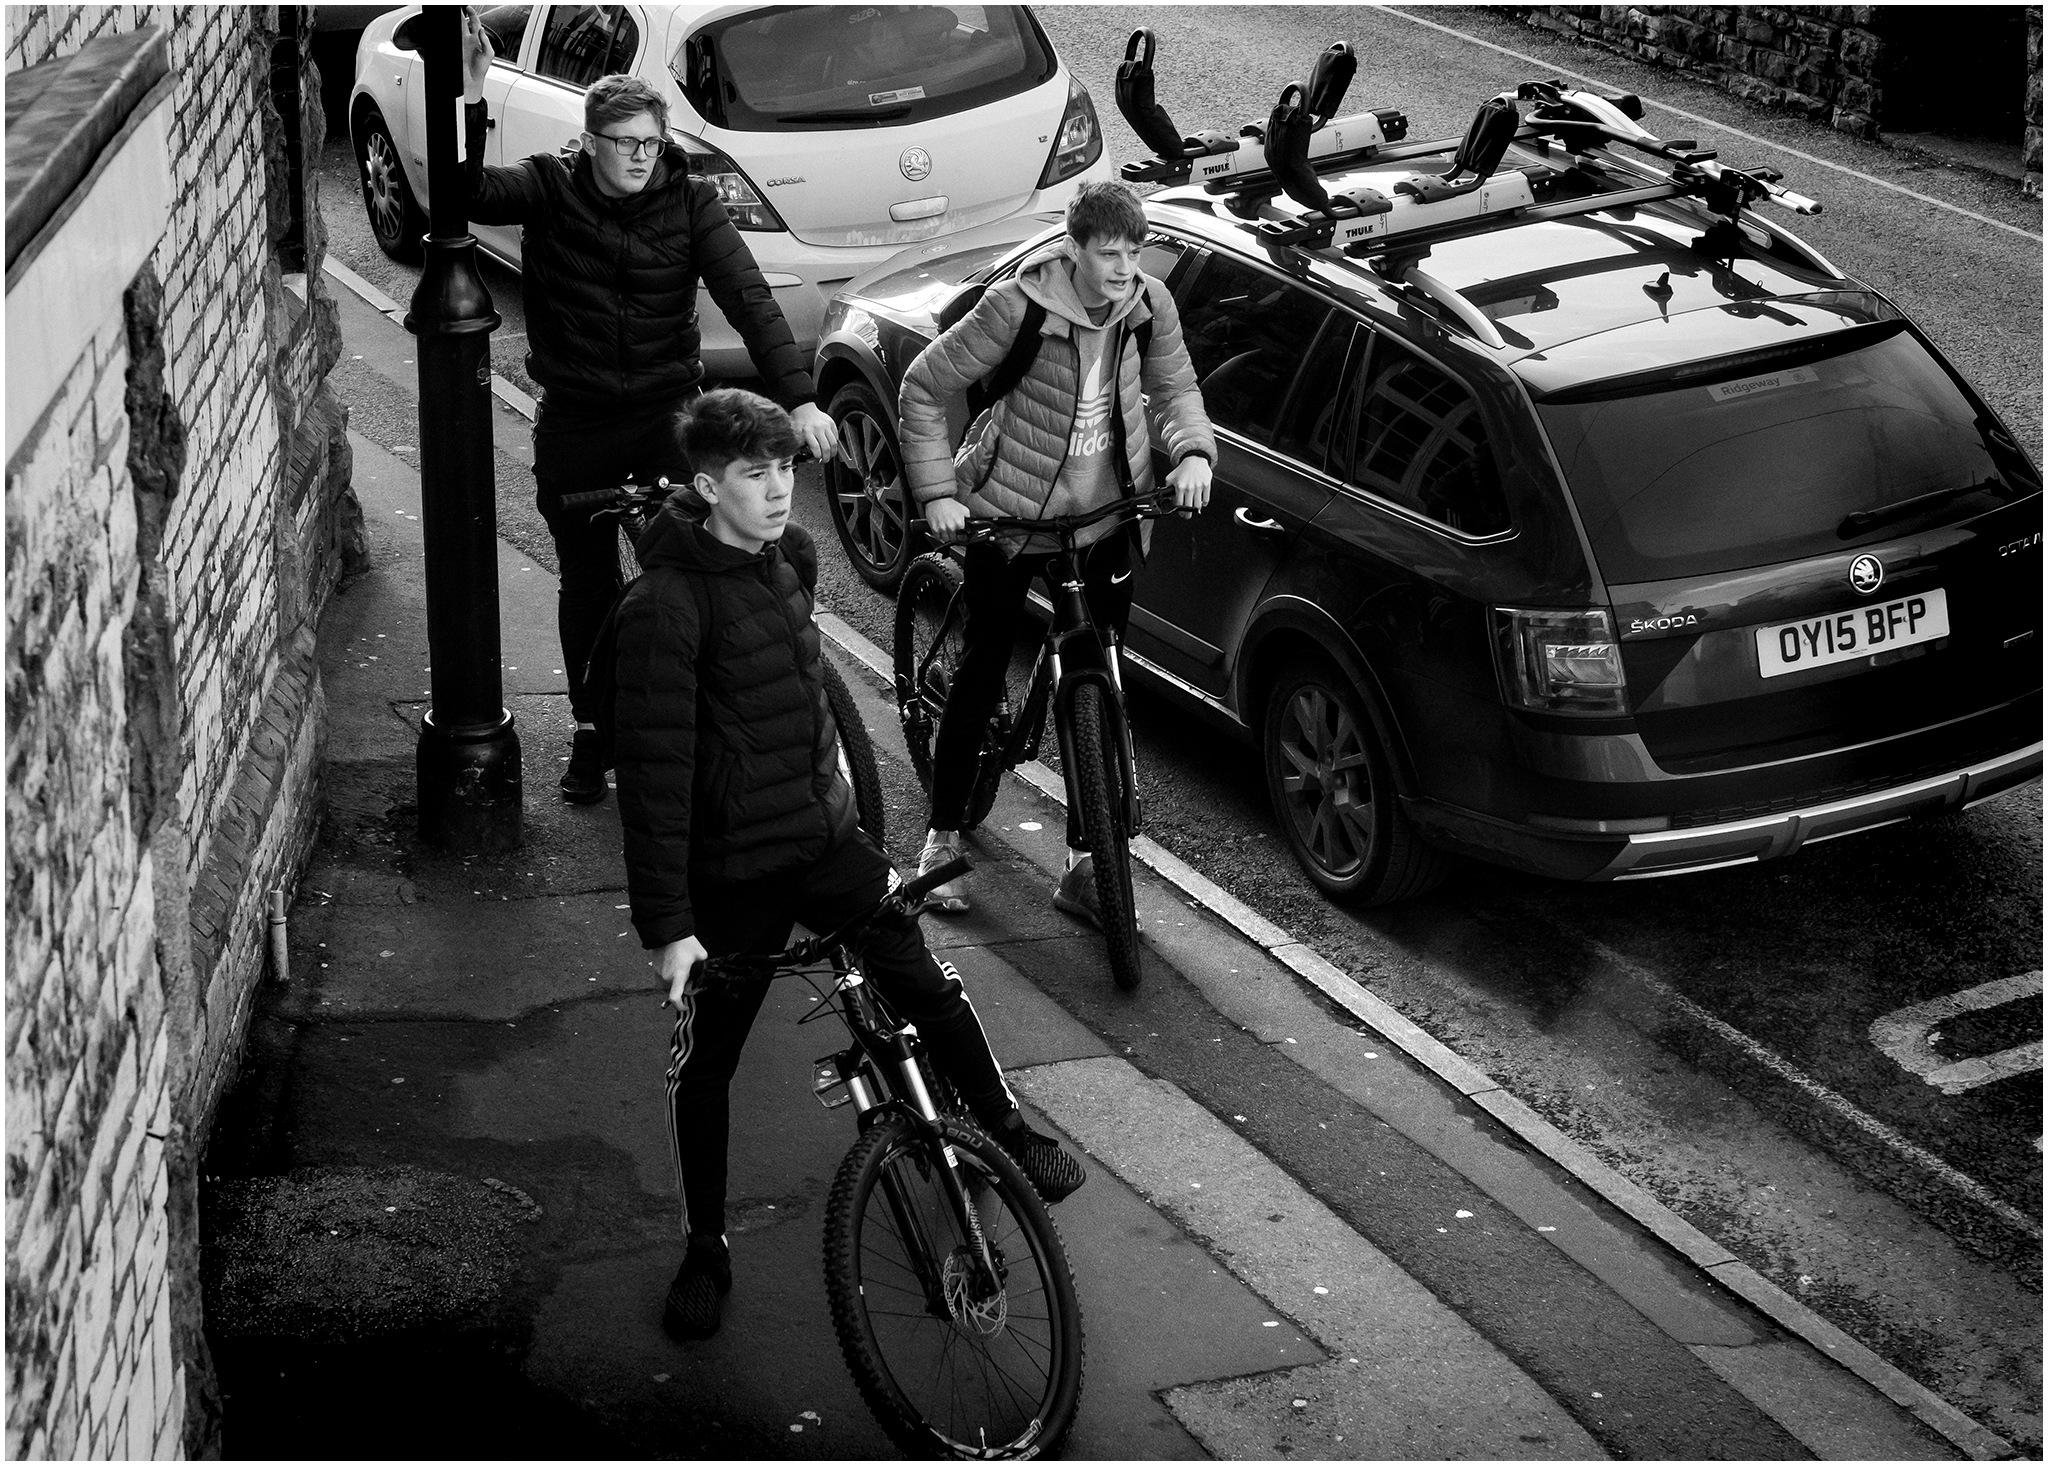 Bike Gang by Clive Ayron